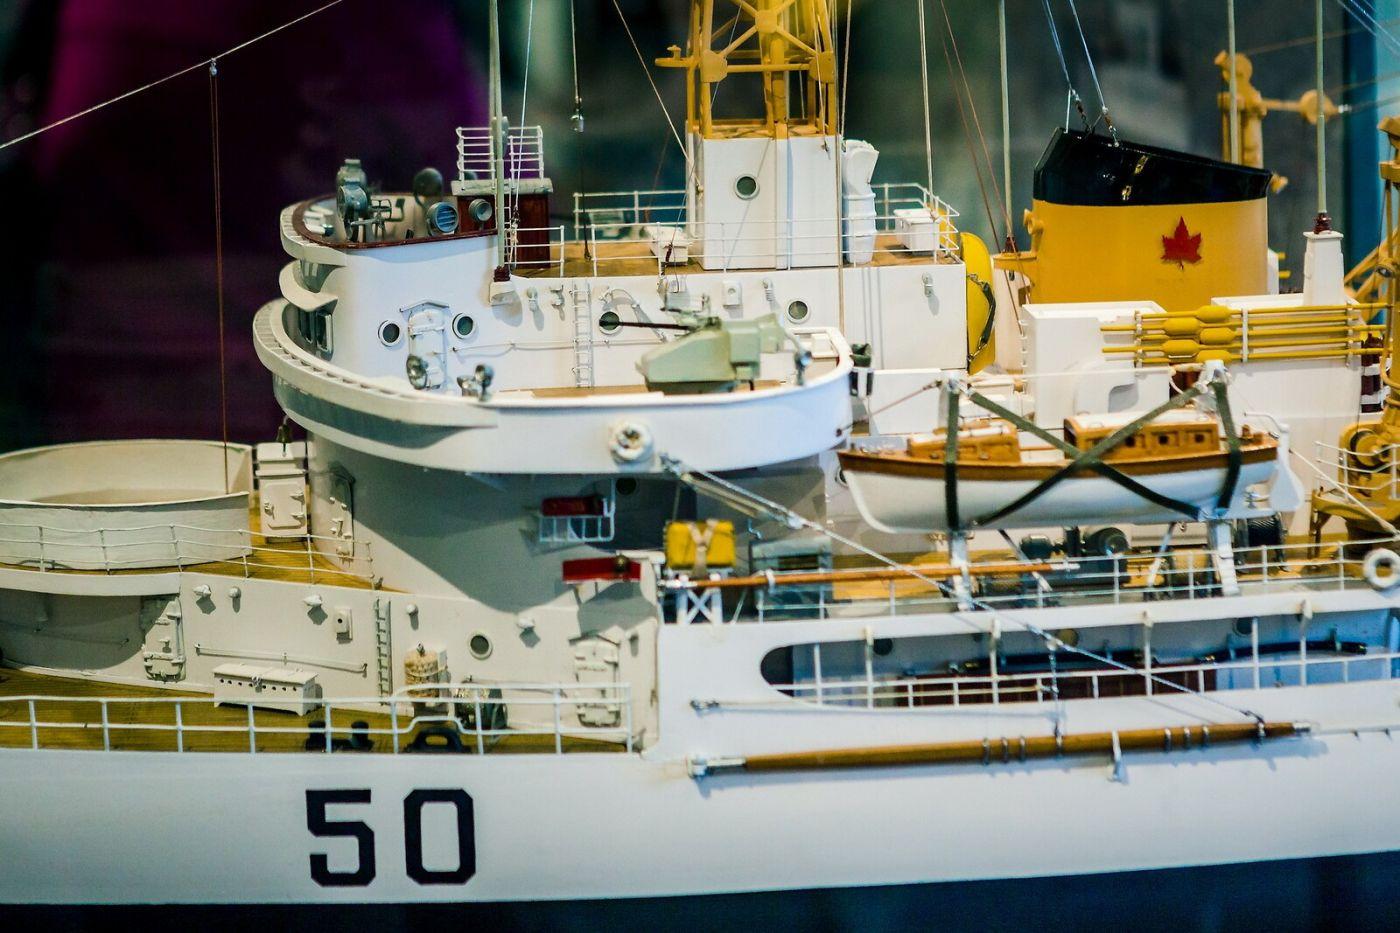 加拿大哈利法克斯(Halifax)大西洋海事博物馆_图1-7